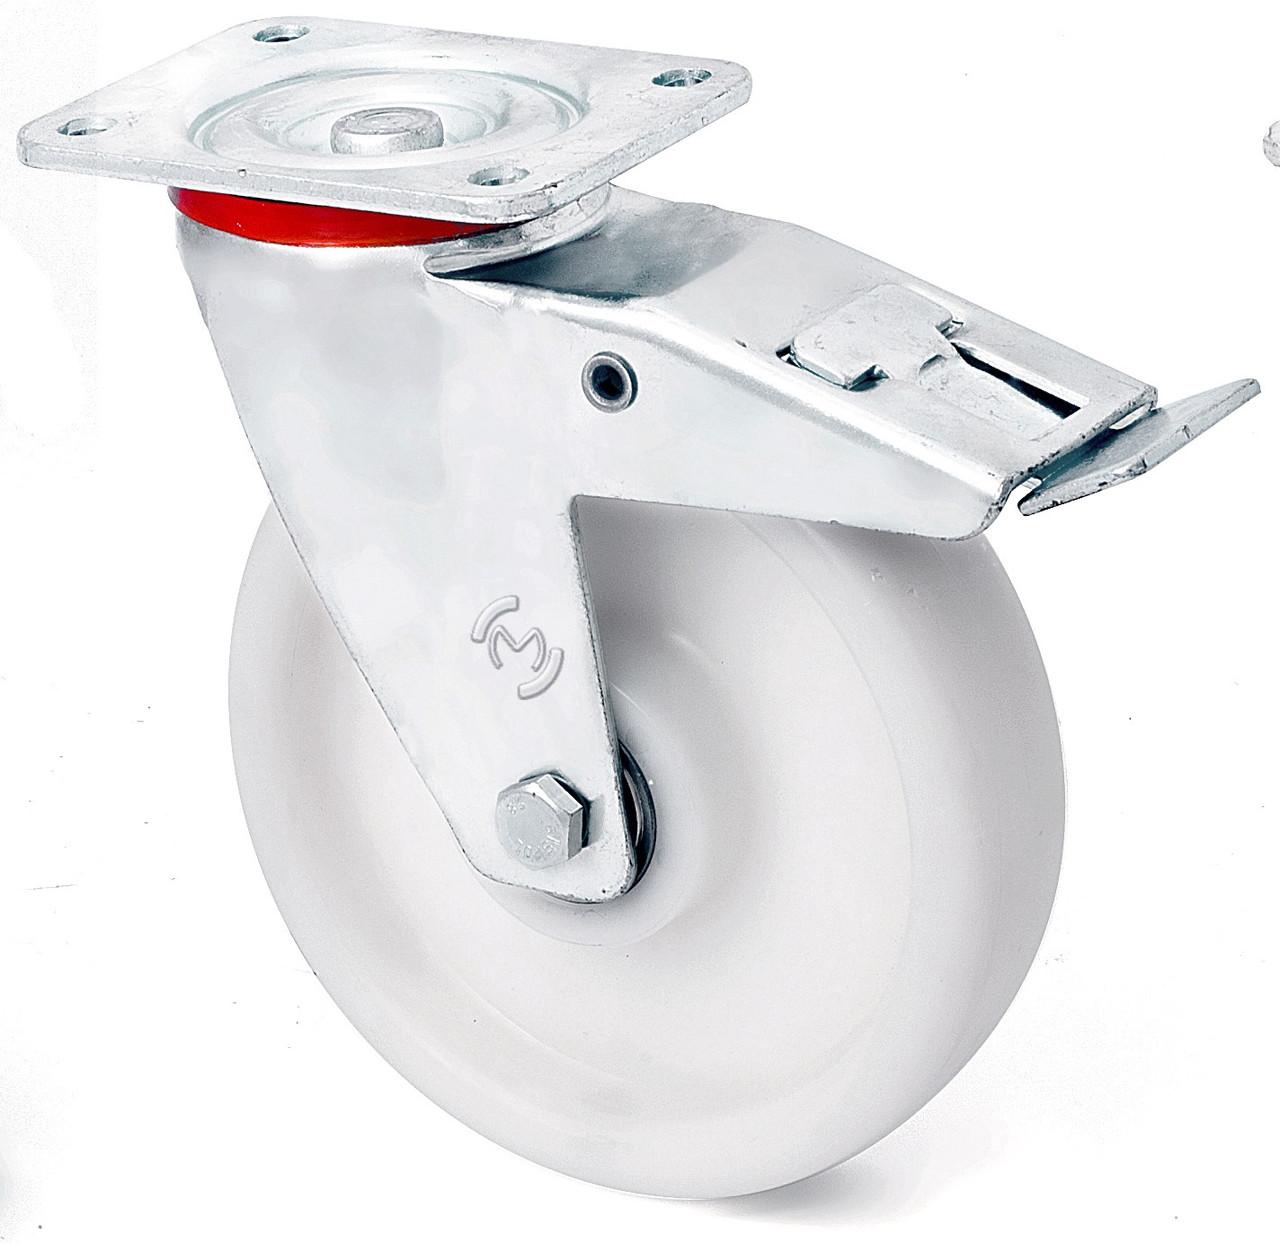 Поворотные большегрузные колеса из полипропилена с тормозом 2304-ST-080-B